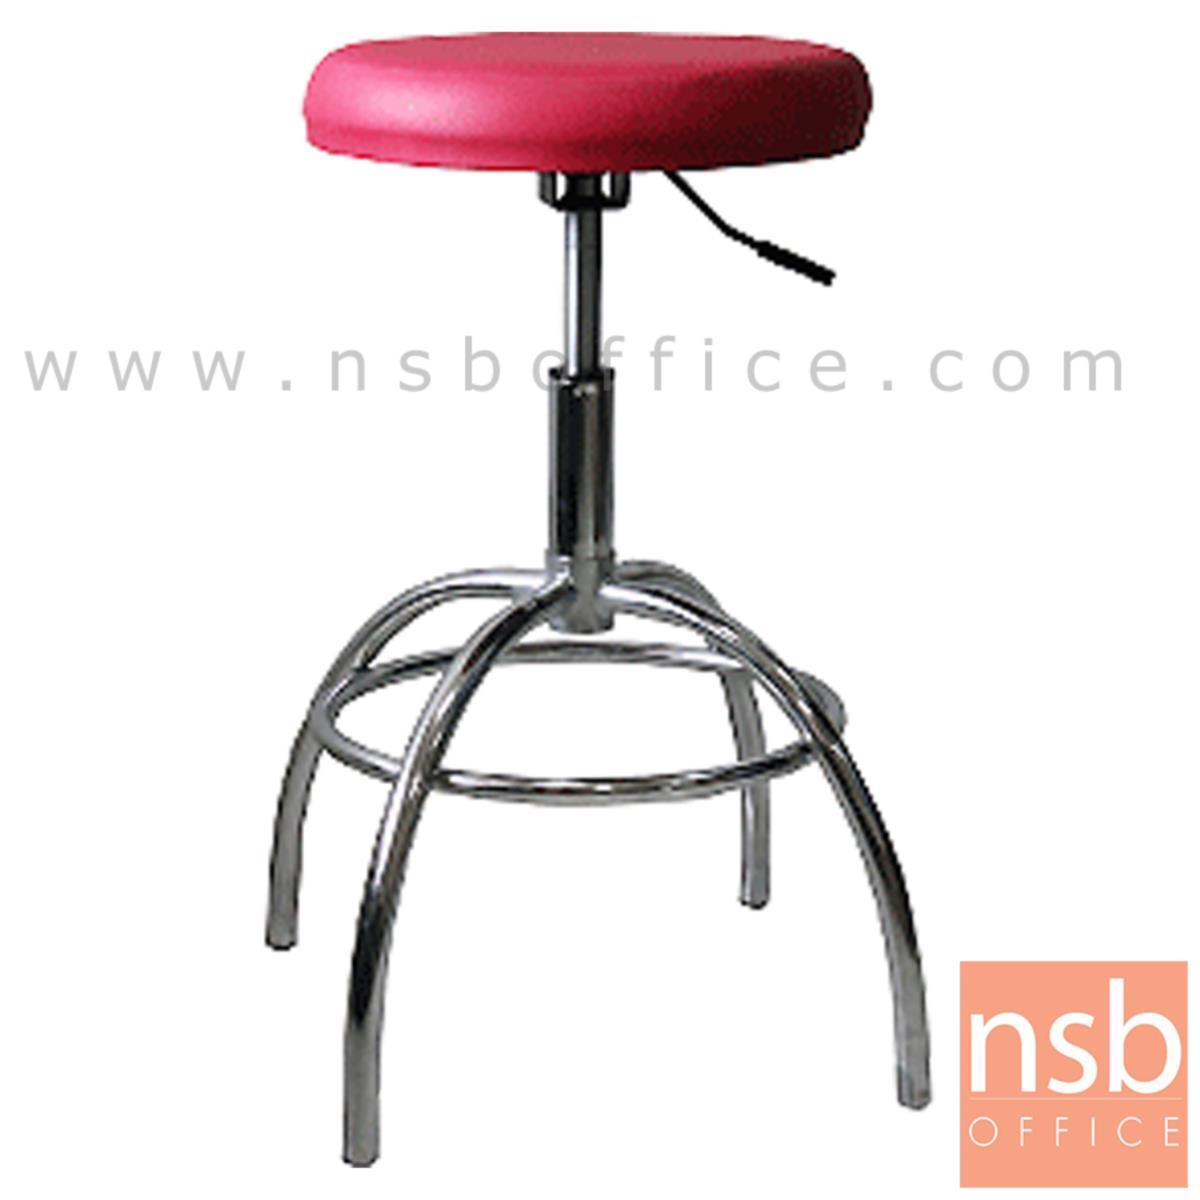 B09A110:เก้าอี้บาร์สตูลที่นั่งกลม รุ่น Calypso (คาลิฟโซ)  โช๊คแก๊ส ขาเหล็กชุบโครเมี่ยม